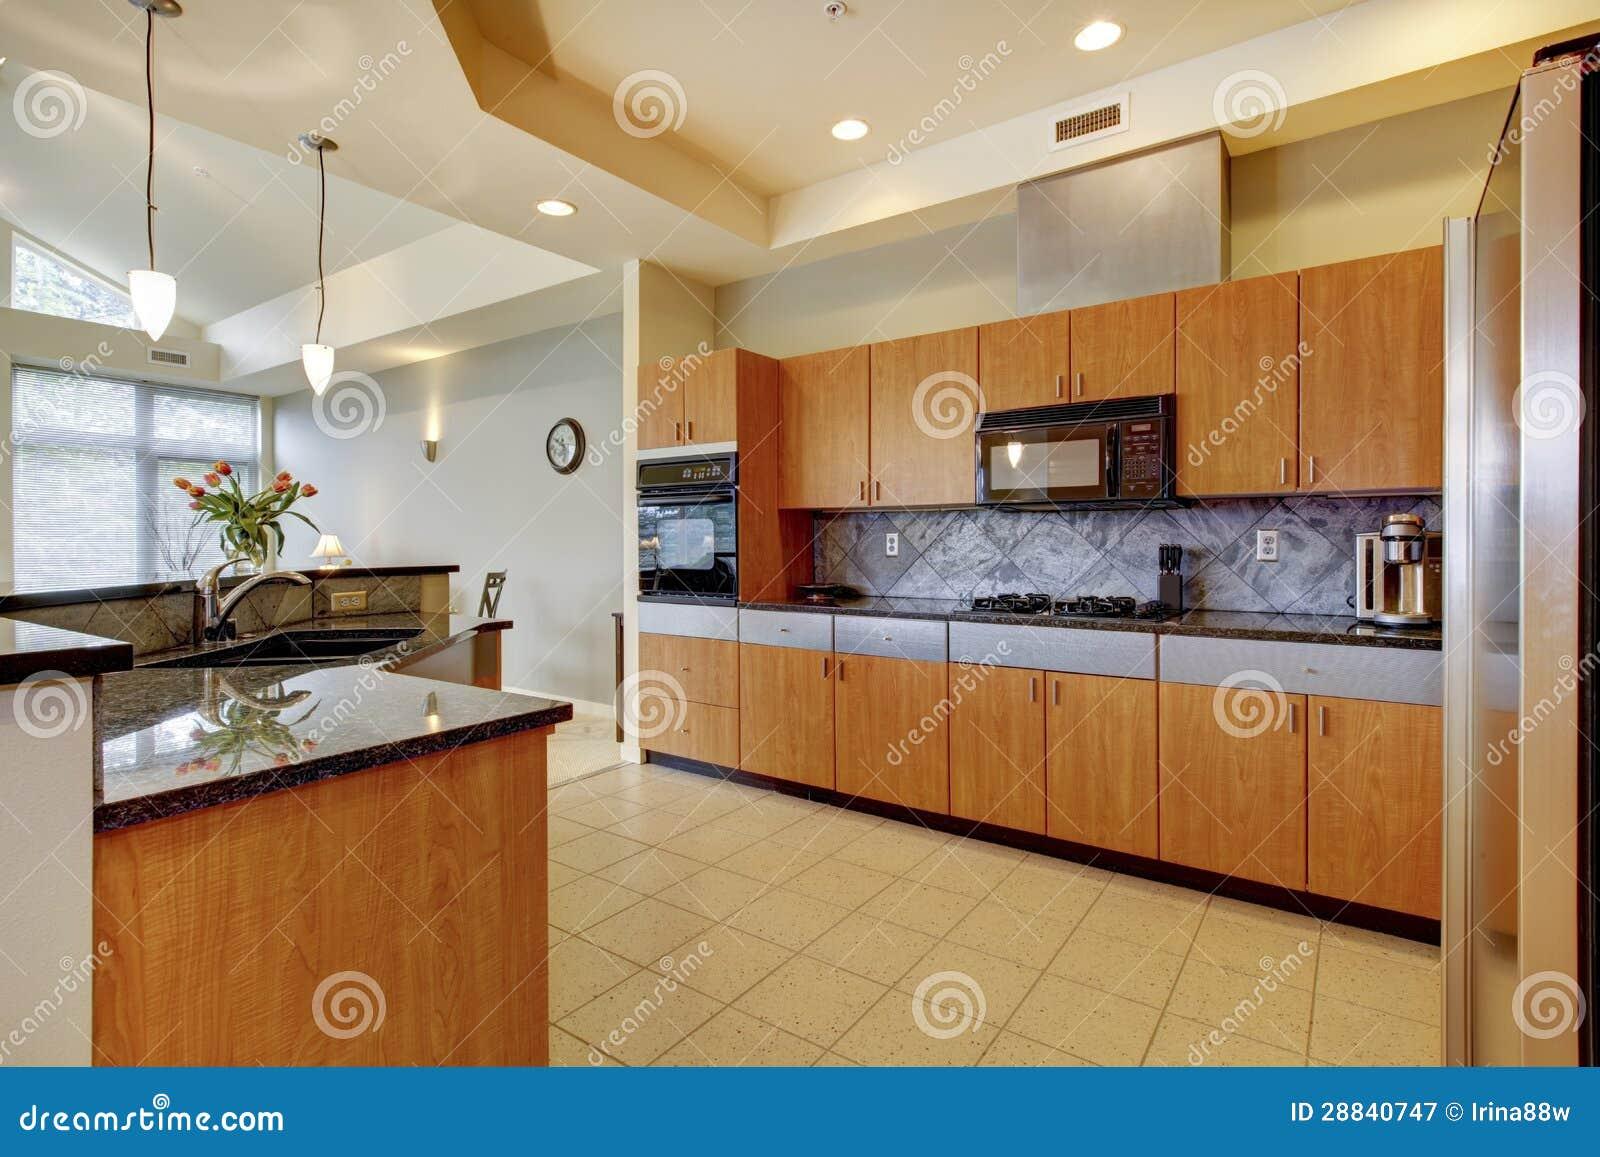 Grote moderne houten keuken met woonkamer en hoog plafond. royalty ...